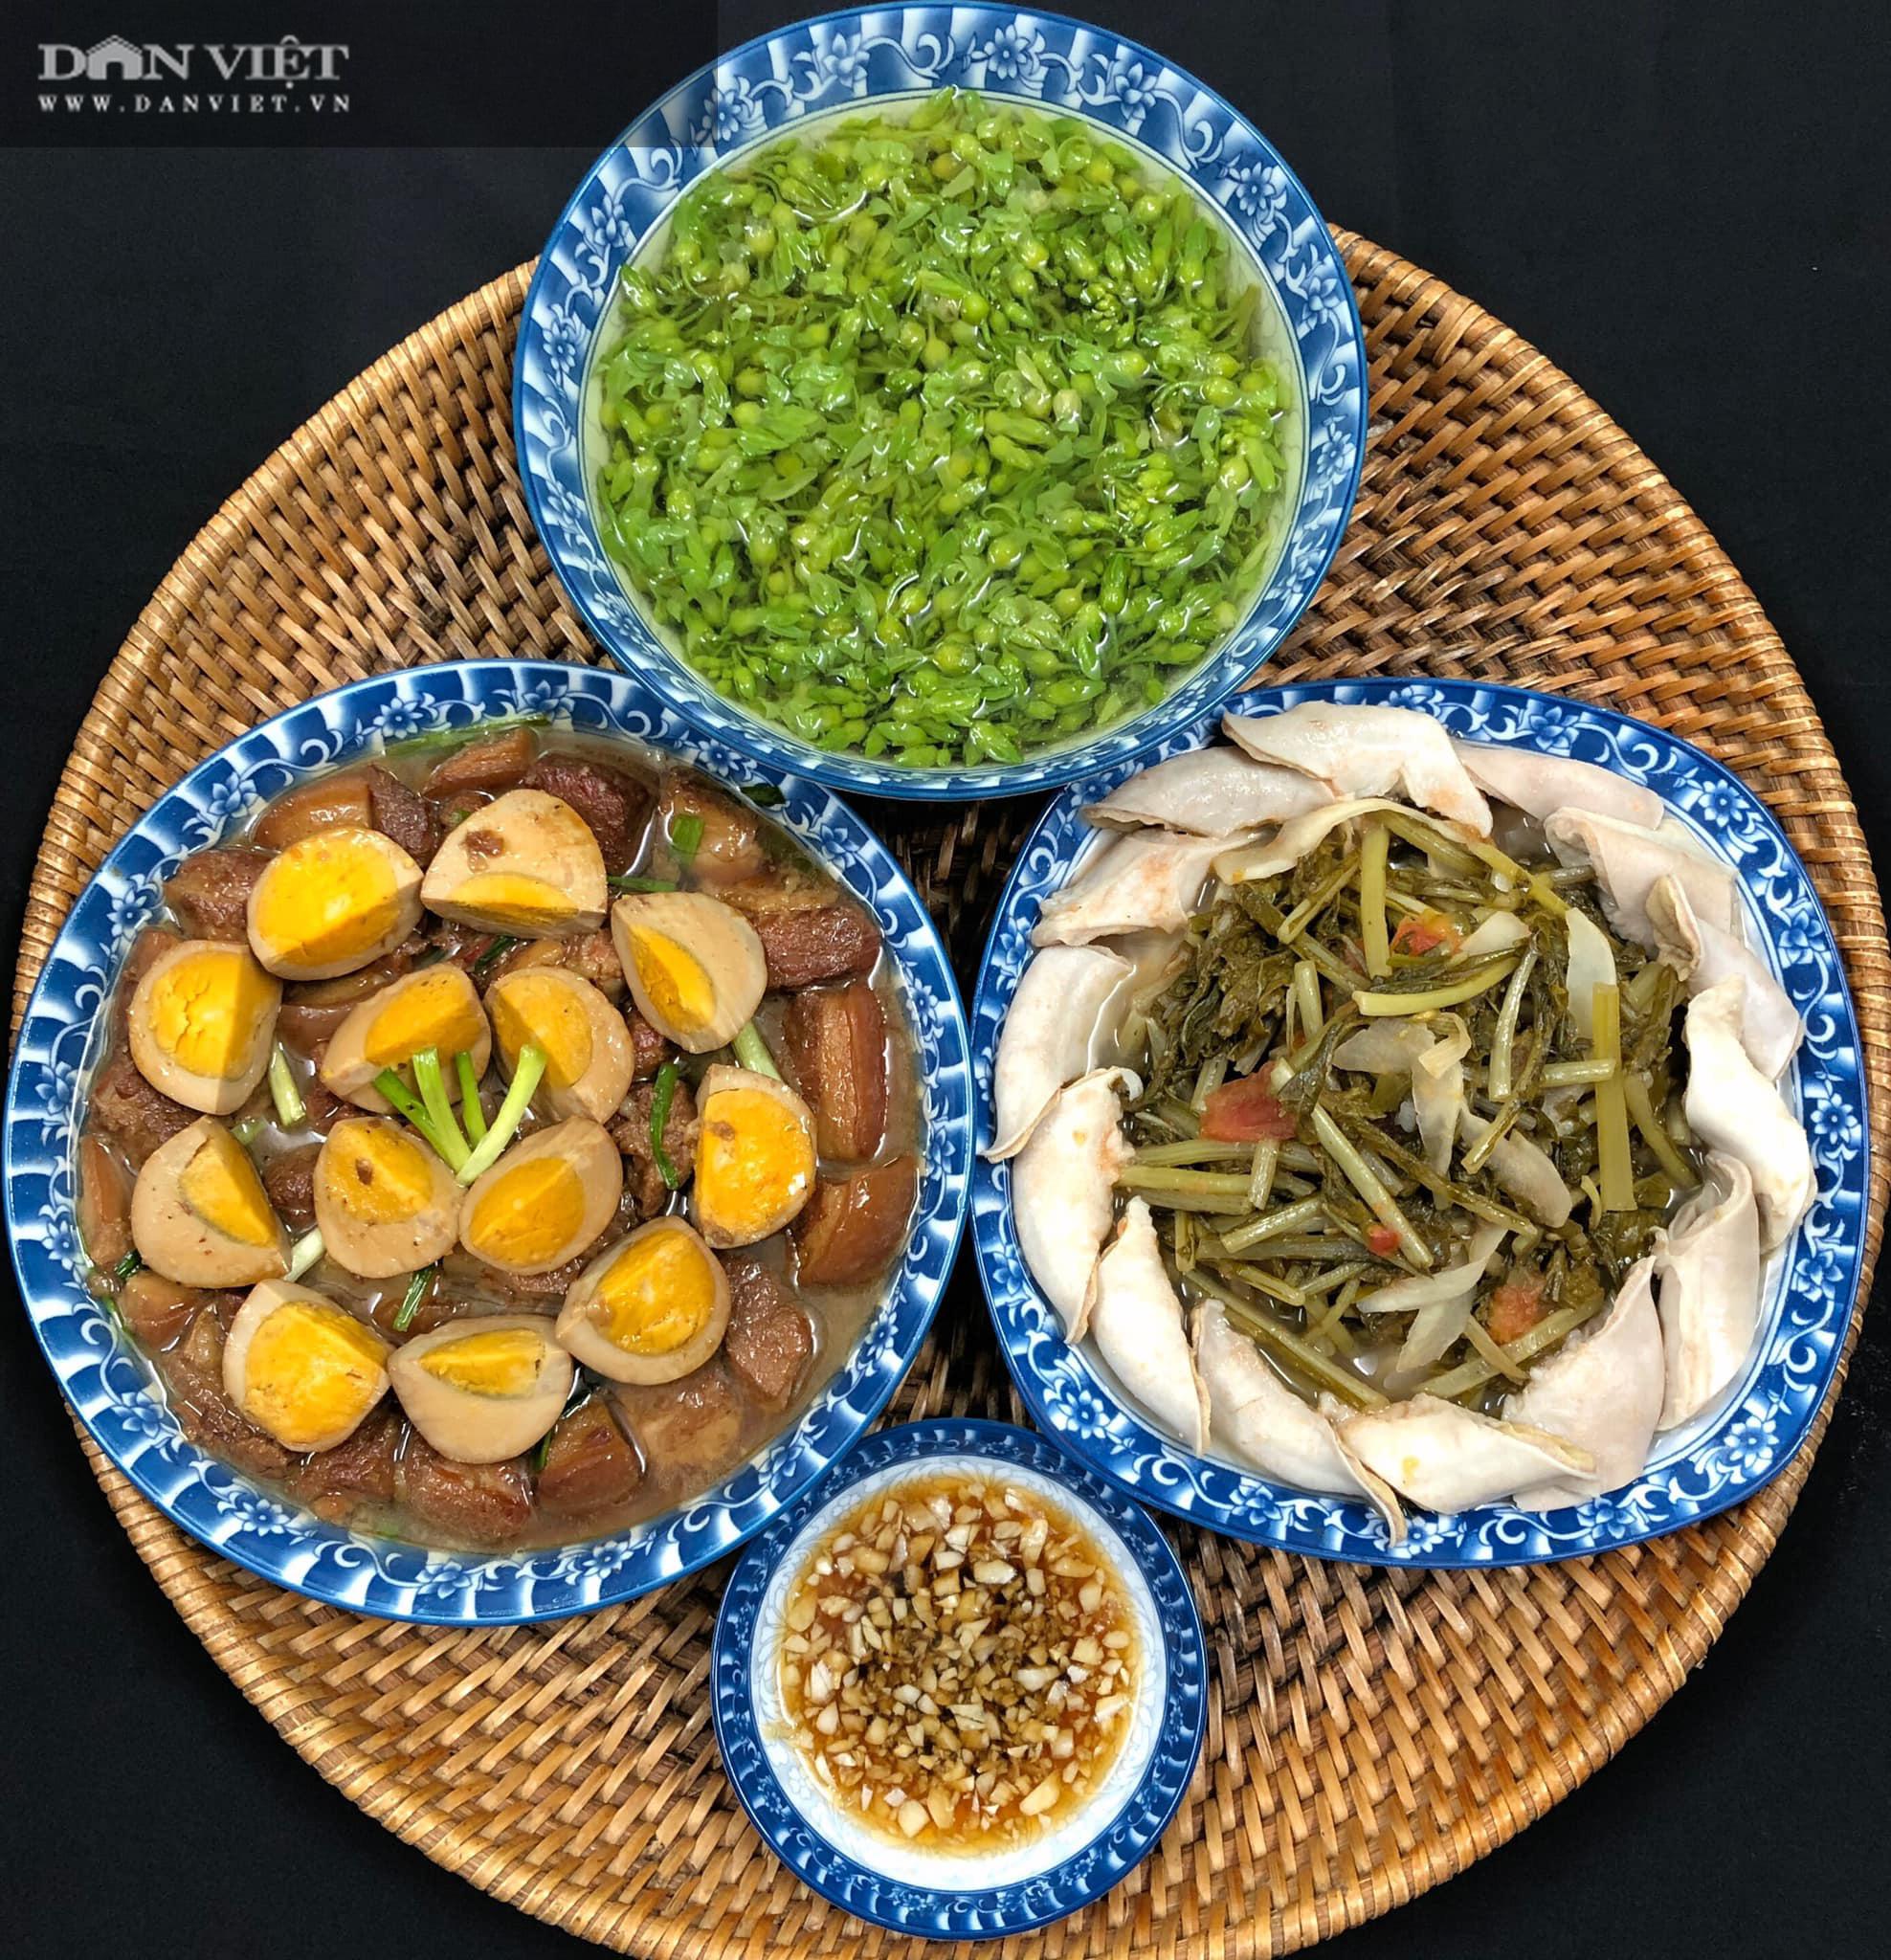 Gợi ý 7 thực đơn đủ dinh dưỡng cho bữa cơm gia đình - Ảnh 1.